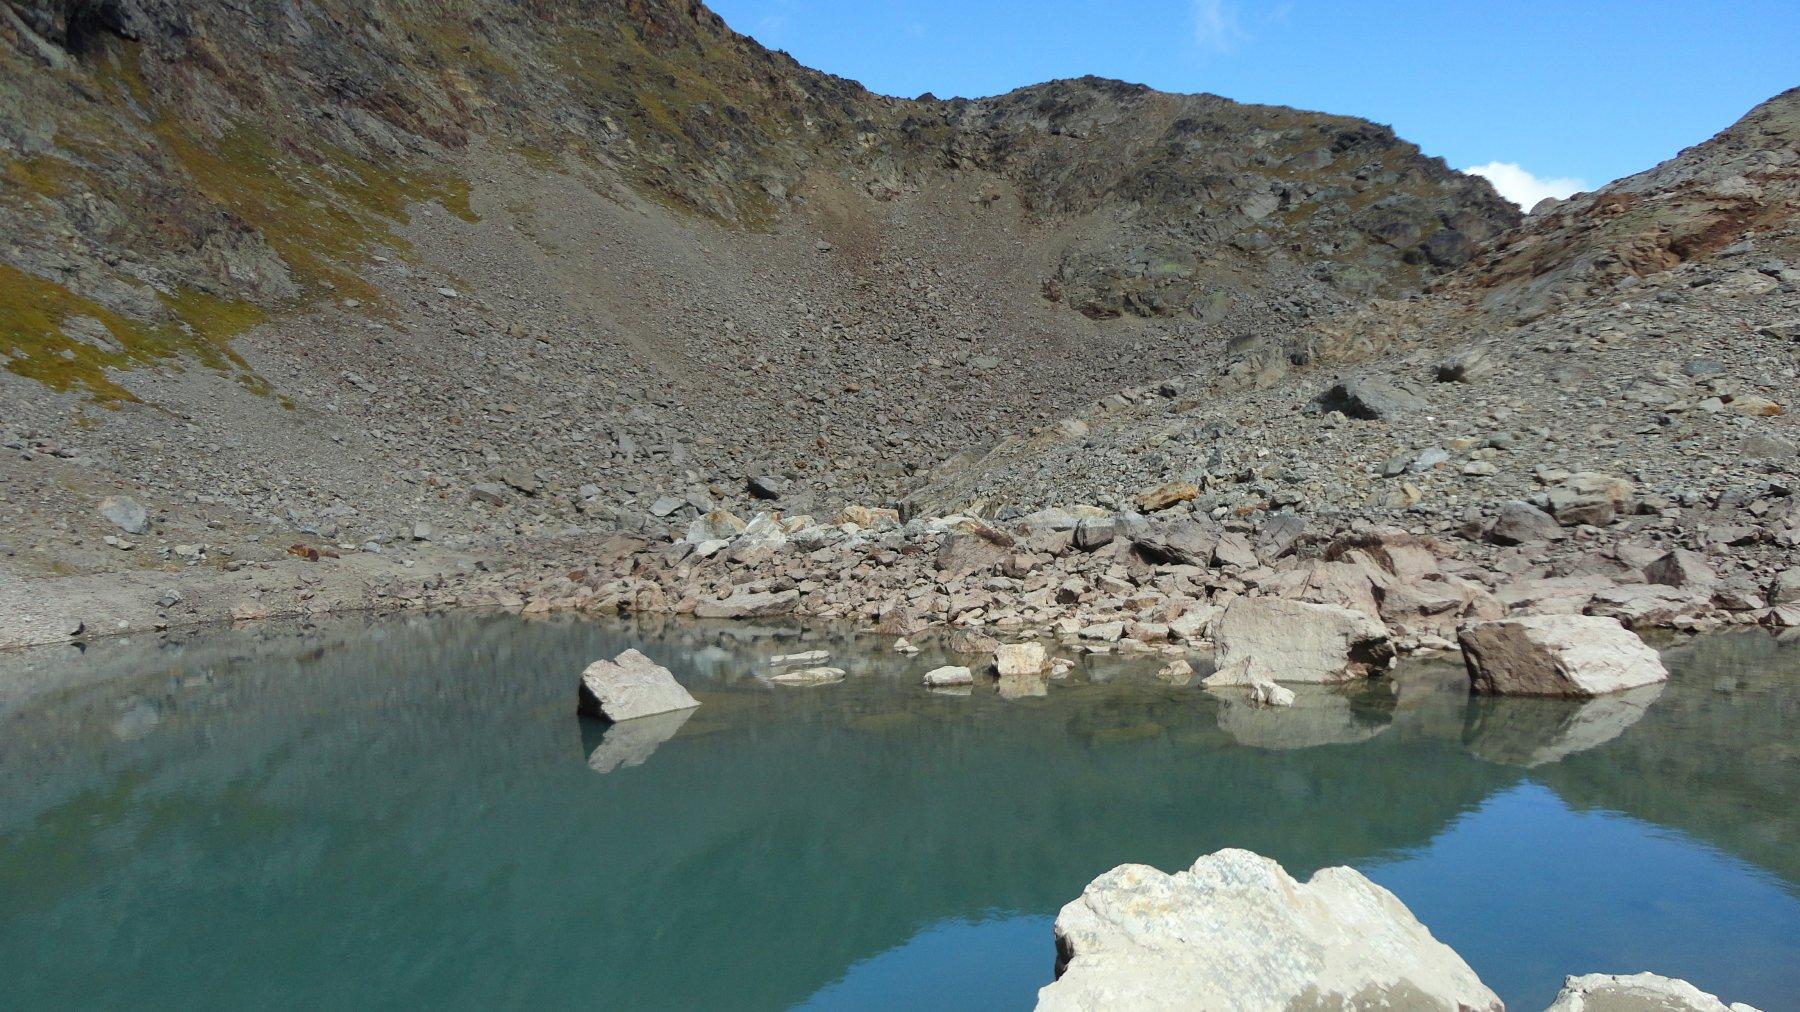 Lac Jacquin o ghiacciato......